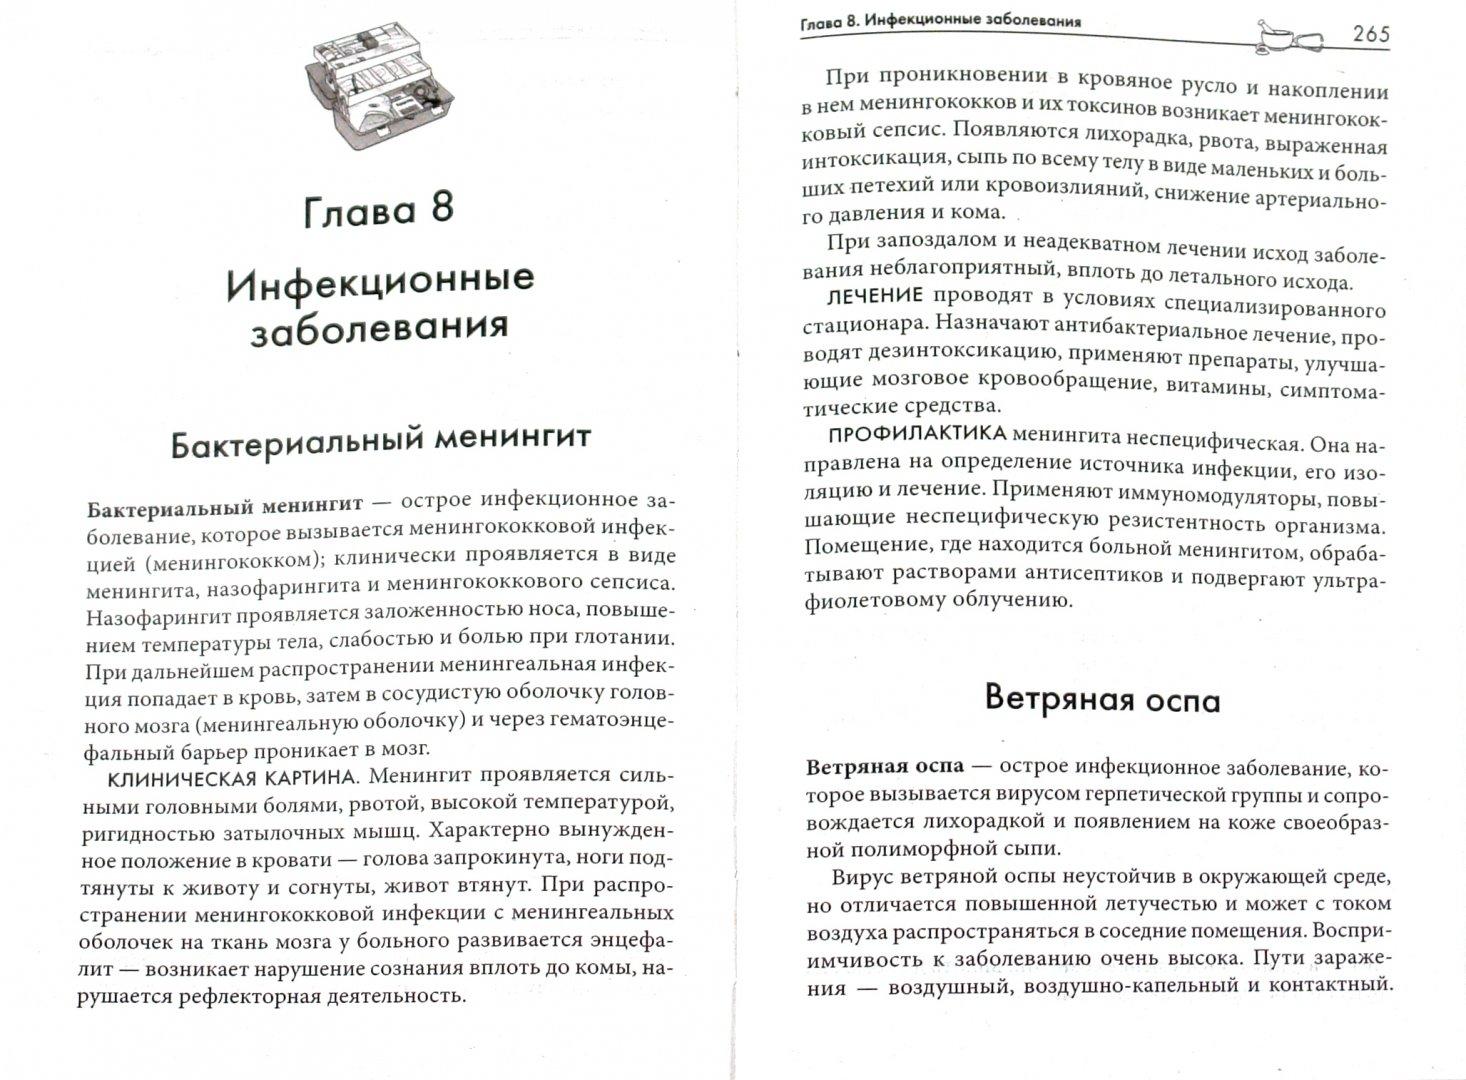 Иллюстрация 1 из 7 для Справочник фельдшера   Лабиринт - книги. Источник: Лабиринт